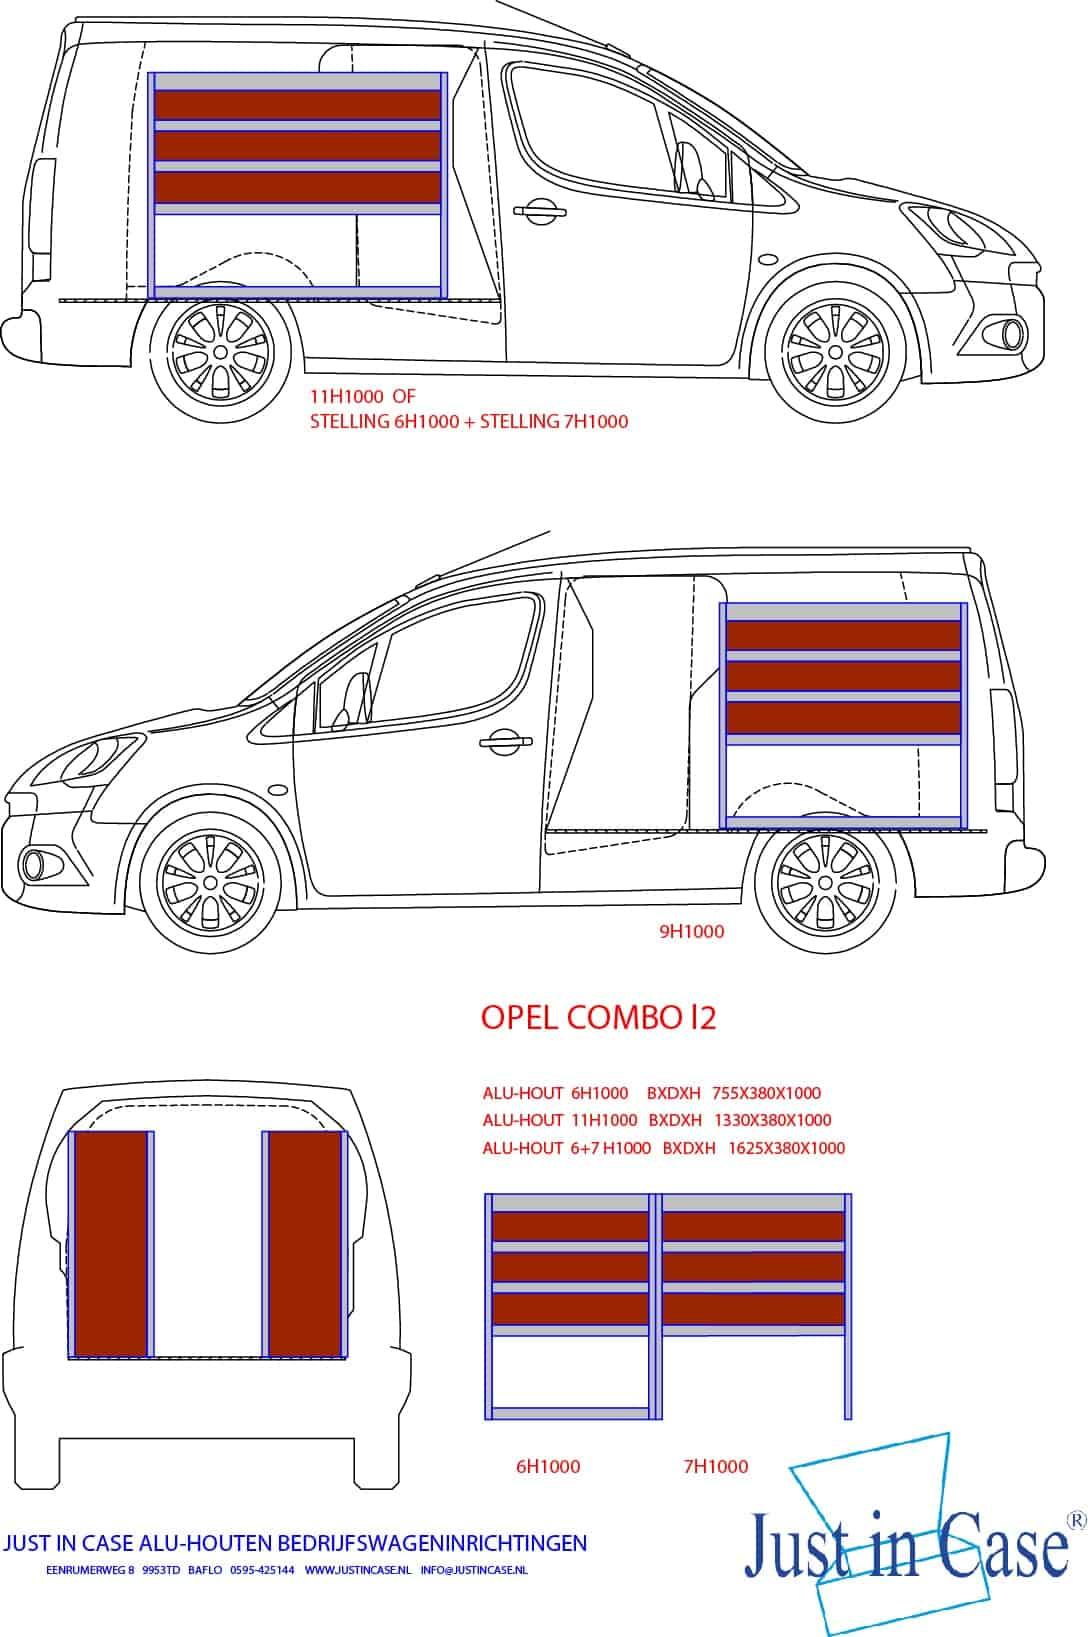 Opel Combo (L2) bedrijfswageninrichting schets